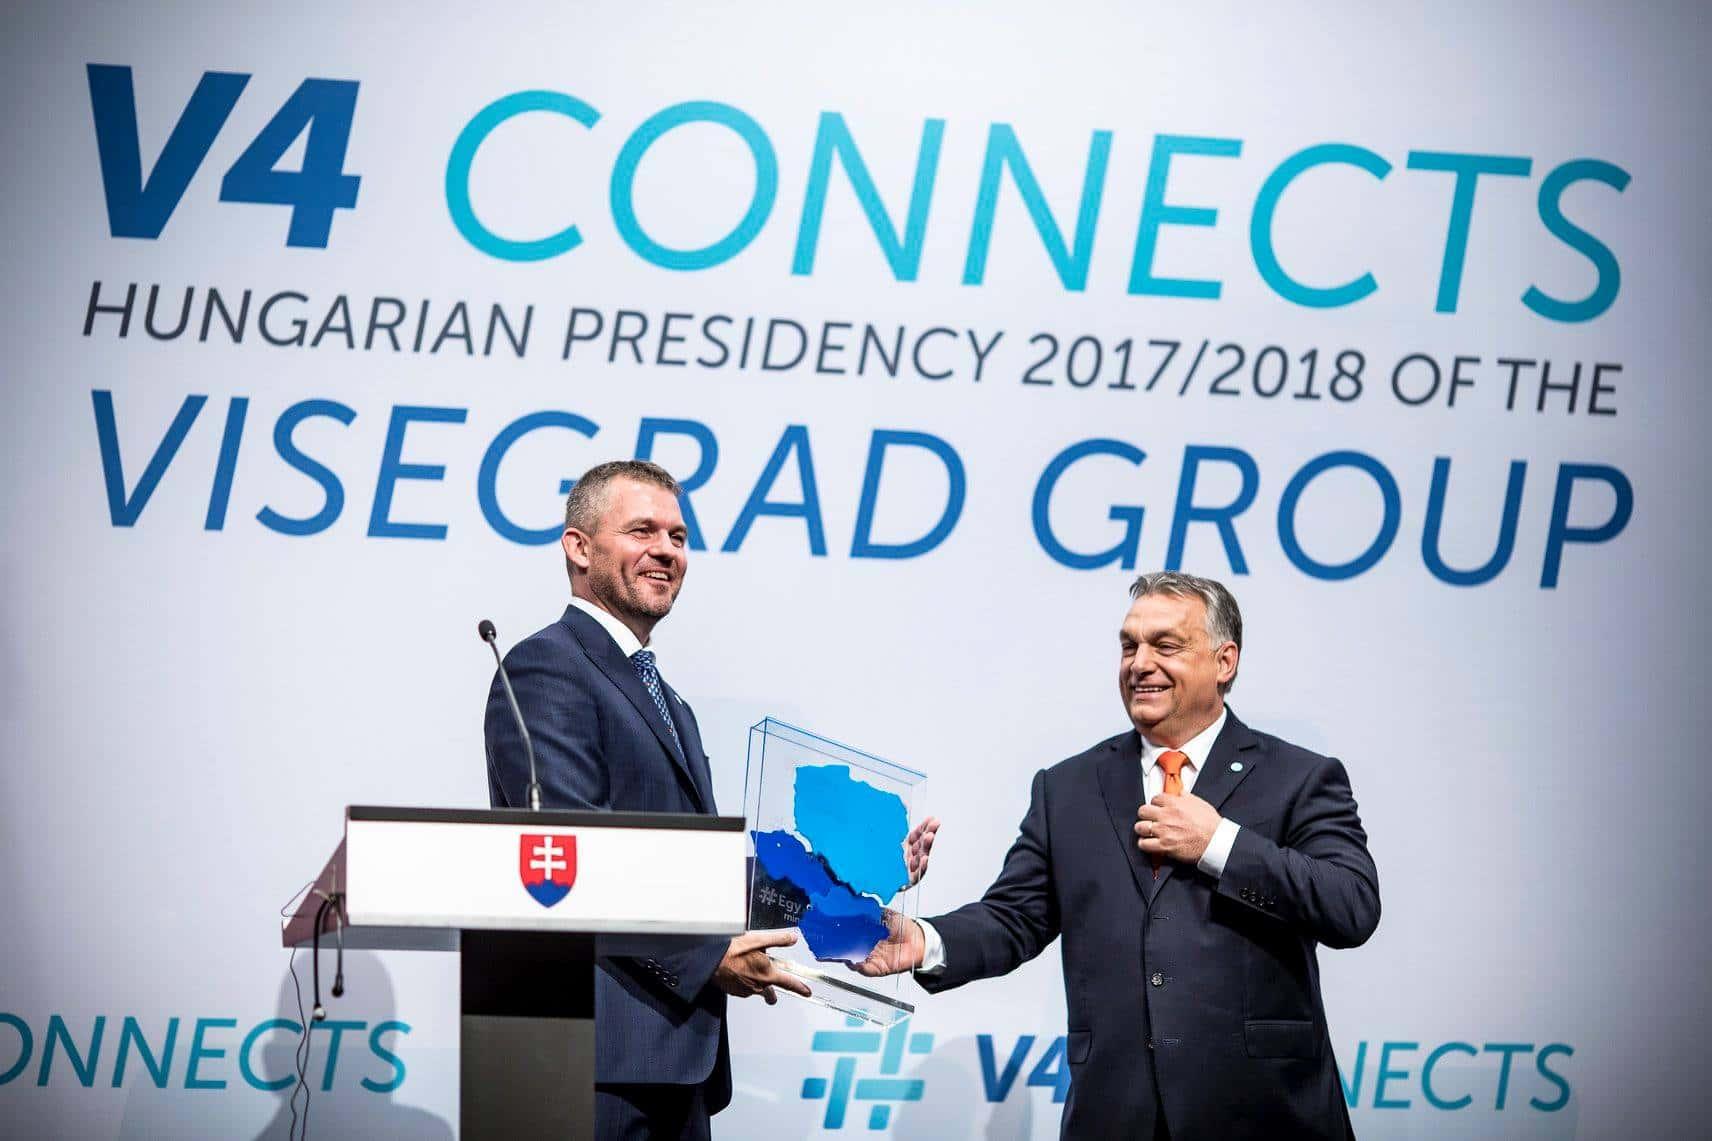 Peter Pellegrini (g) reçoit la présidence du groupe de Visegrád pour le cycle 2018/2019 des mains de Viktor Orbán. Source : page Facebook de Viktor Orbán.